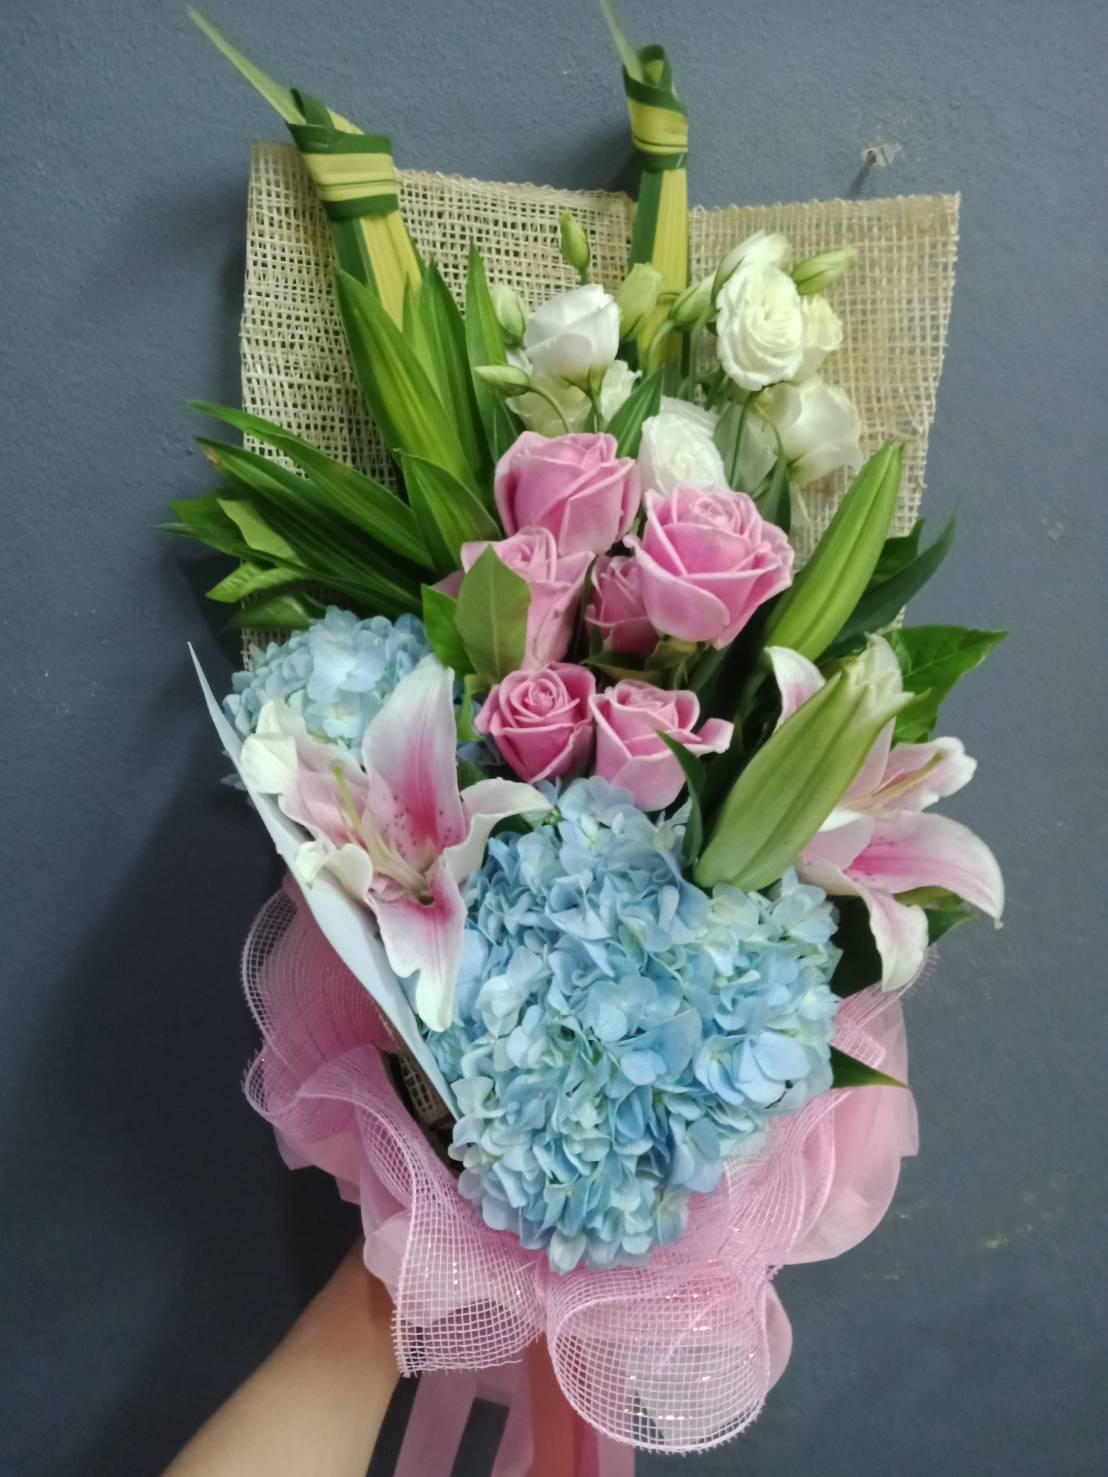 ช่อดอกไม้เก๋ไก๋ที่มีสีฟ้าของดอกไฮเดรนเยียเป็นพระเอกโชว์ความสวยงามค่ะ